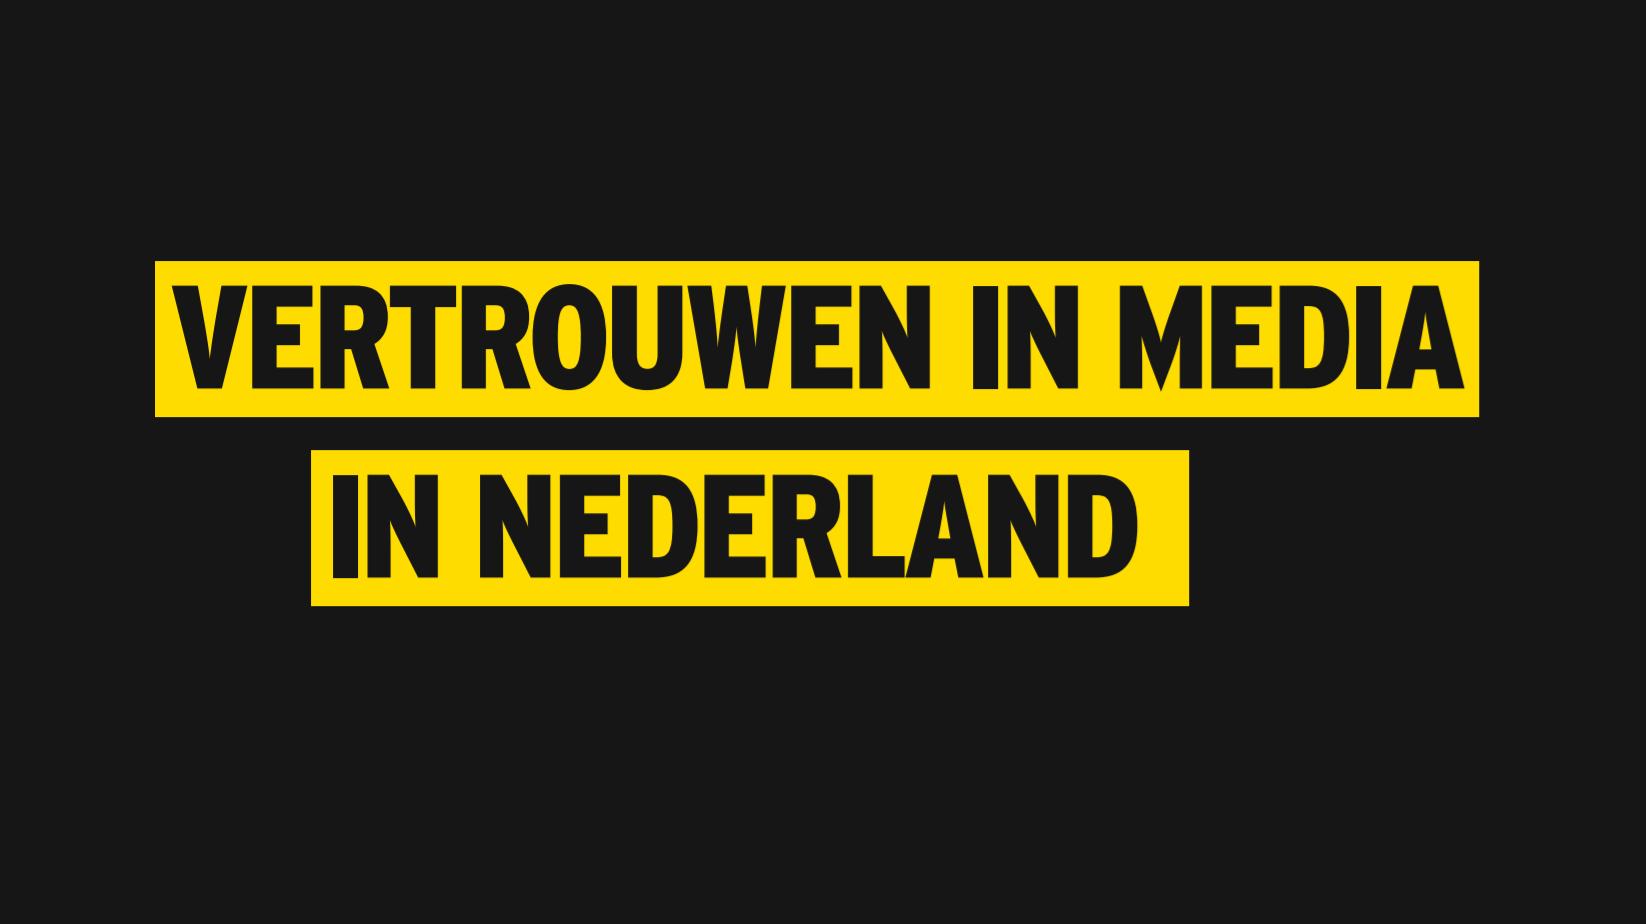 Vertrouwen in Media in Nederland